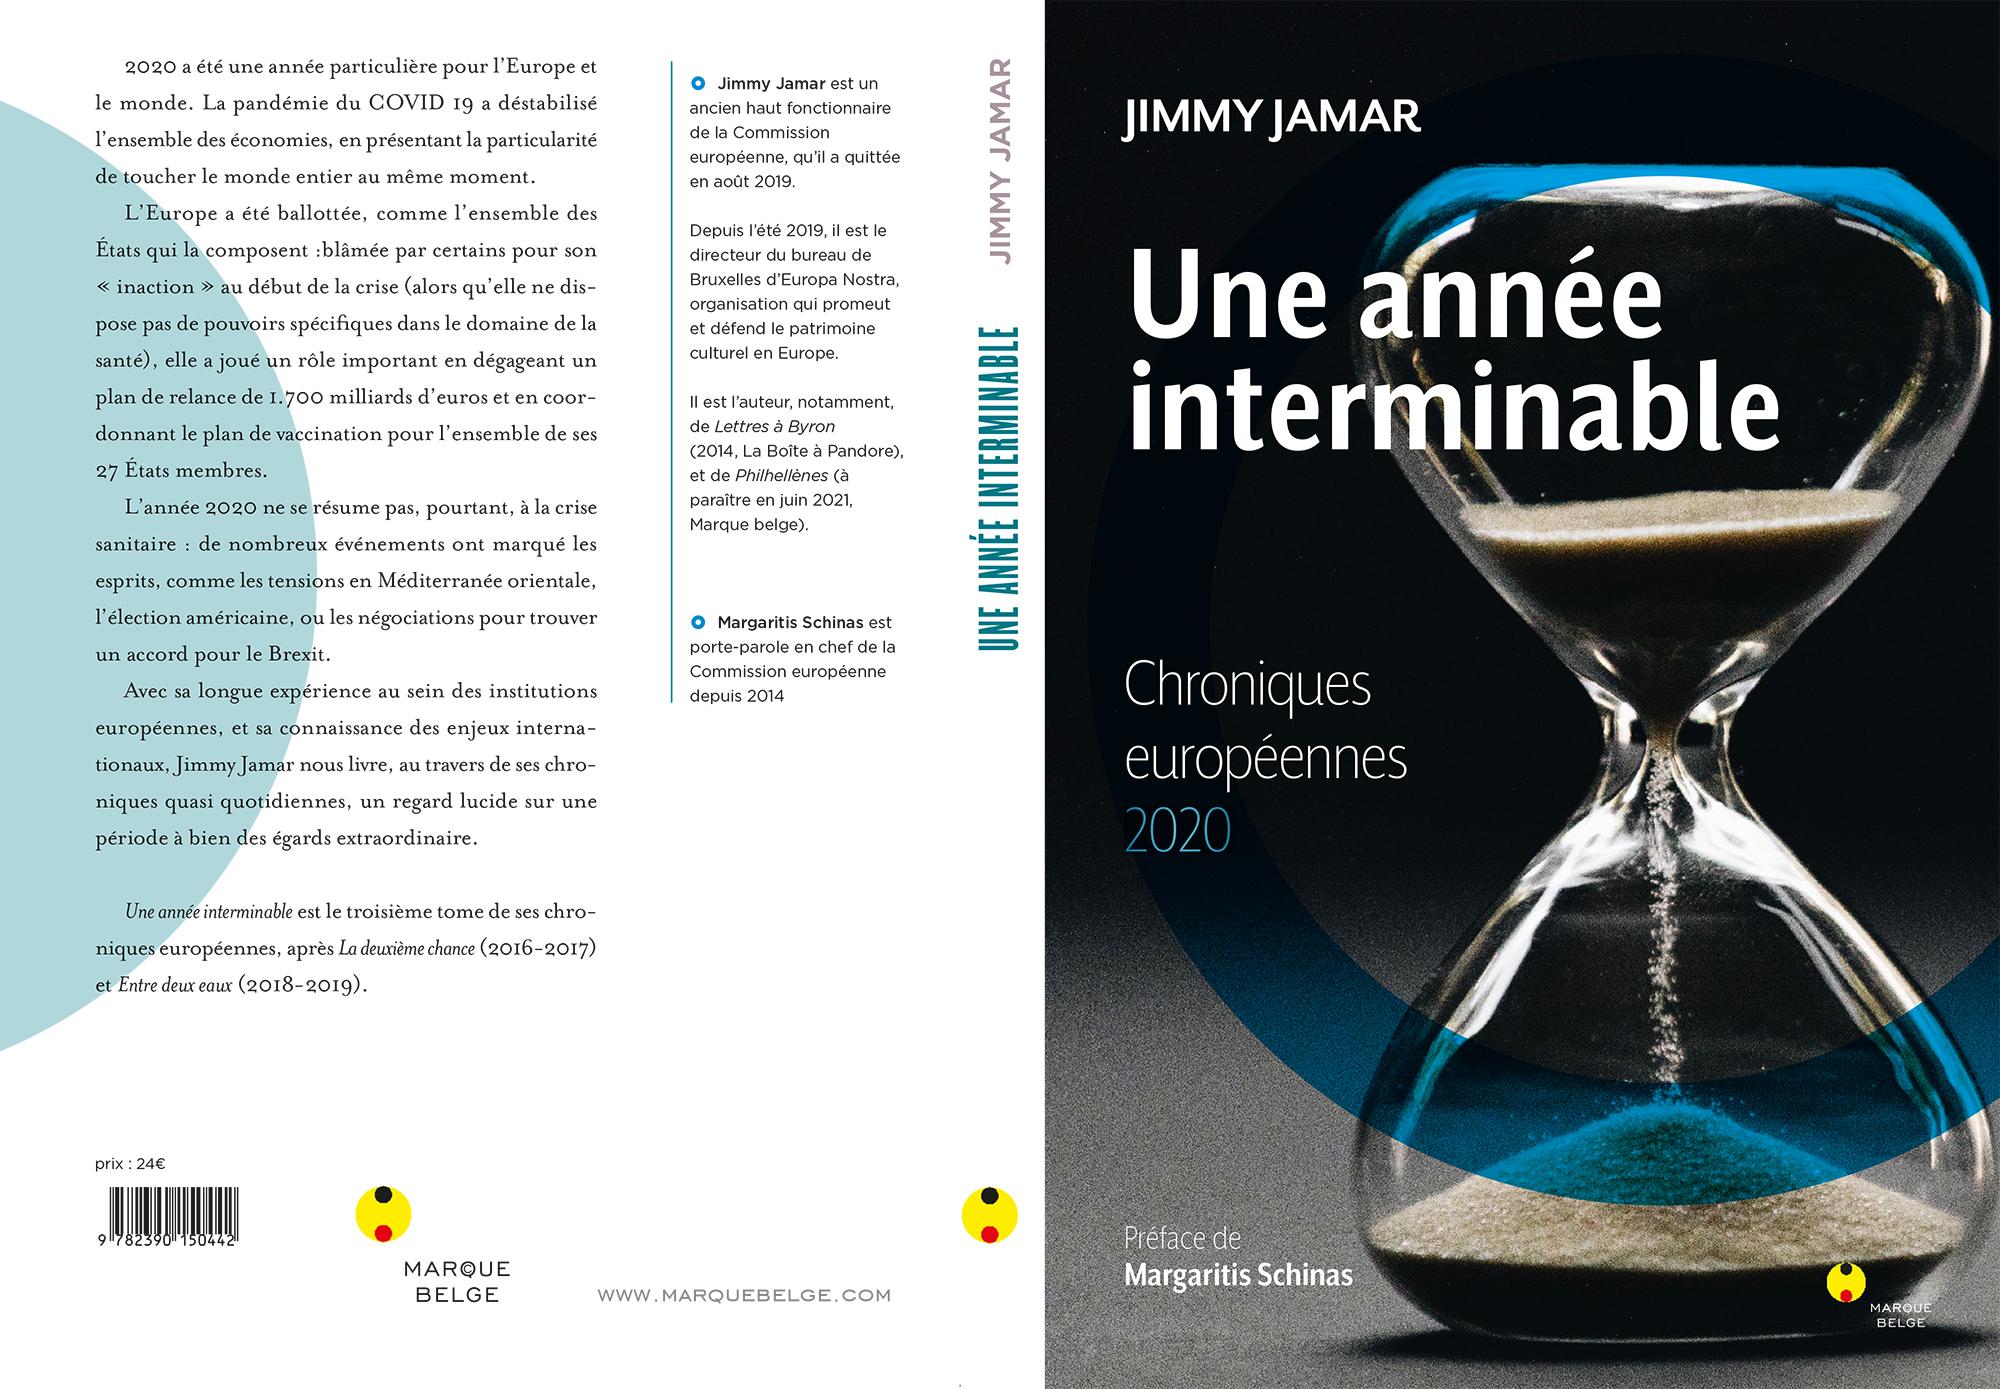 Chroniques 2020 book livre jamar